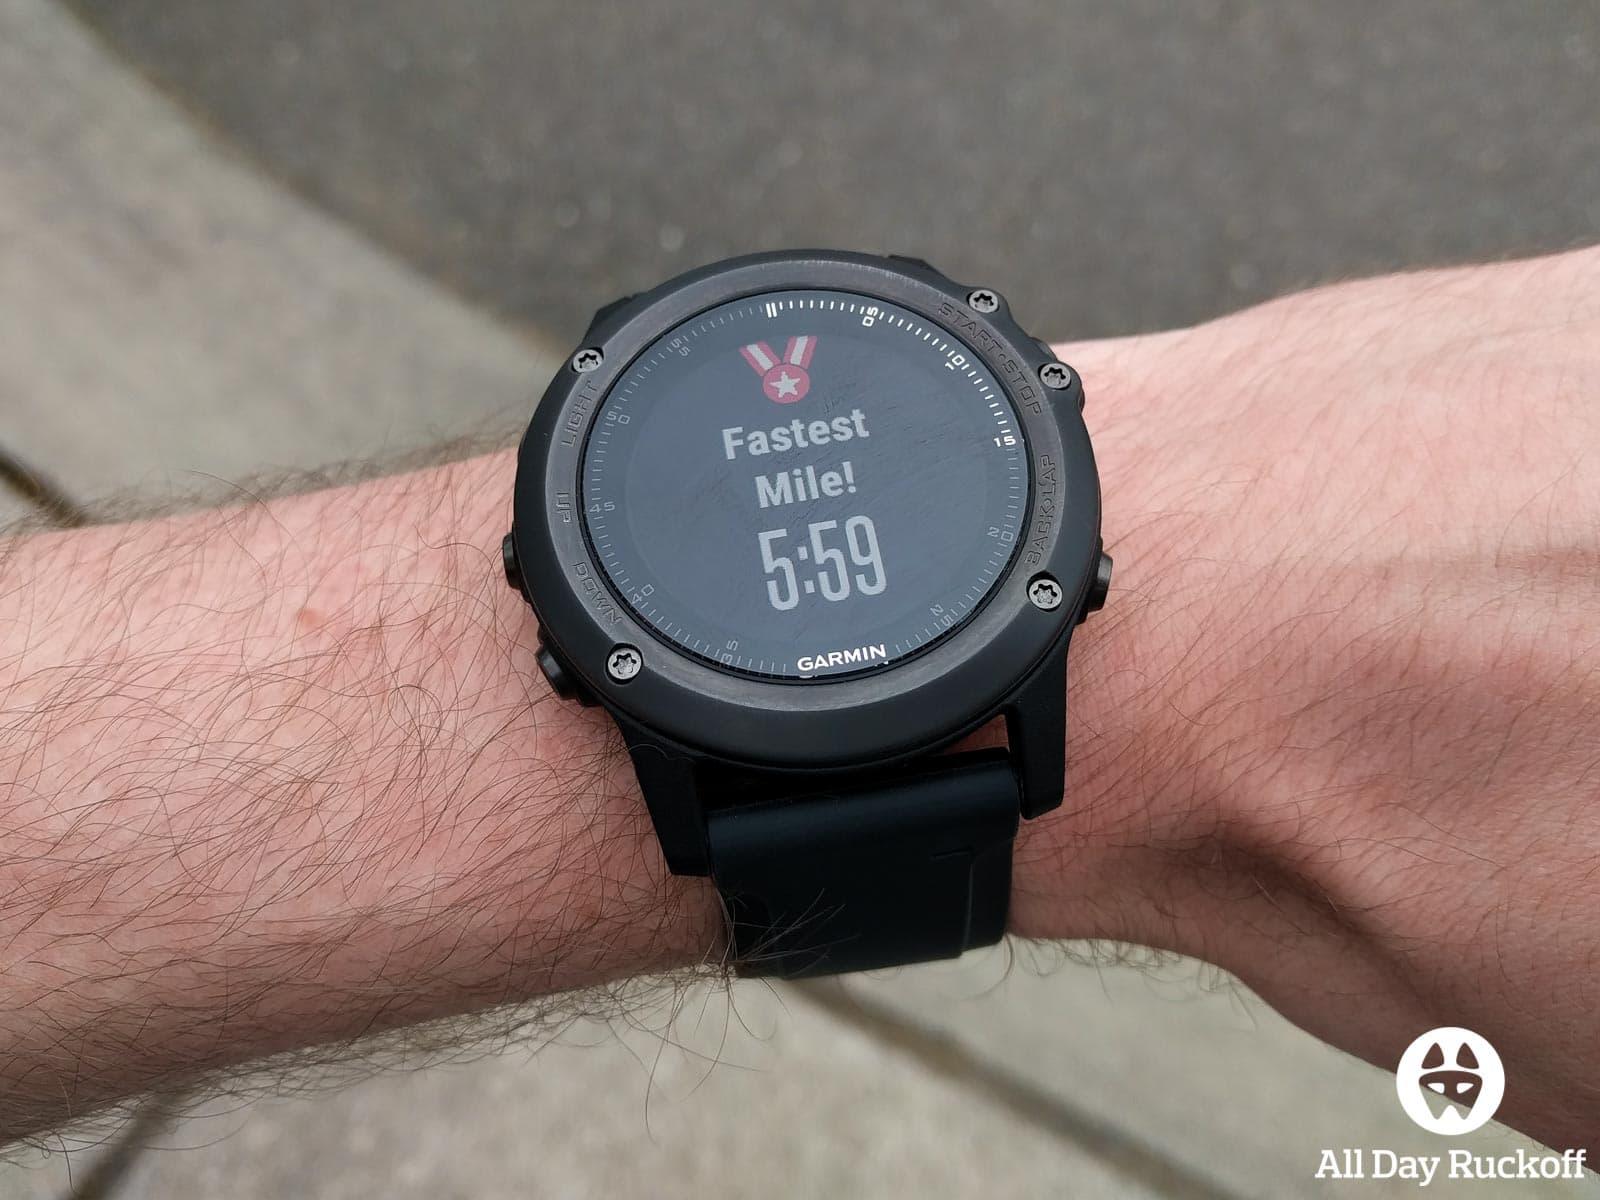 Garmin Fenix 3 HR - Fastest Mile